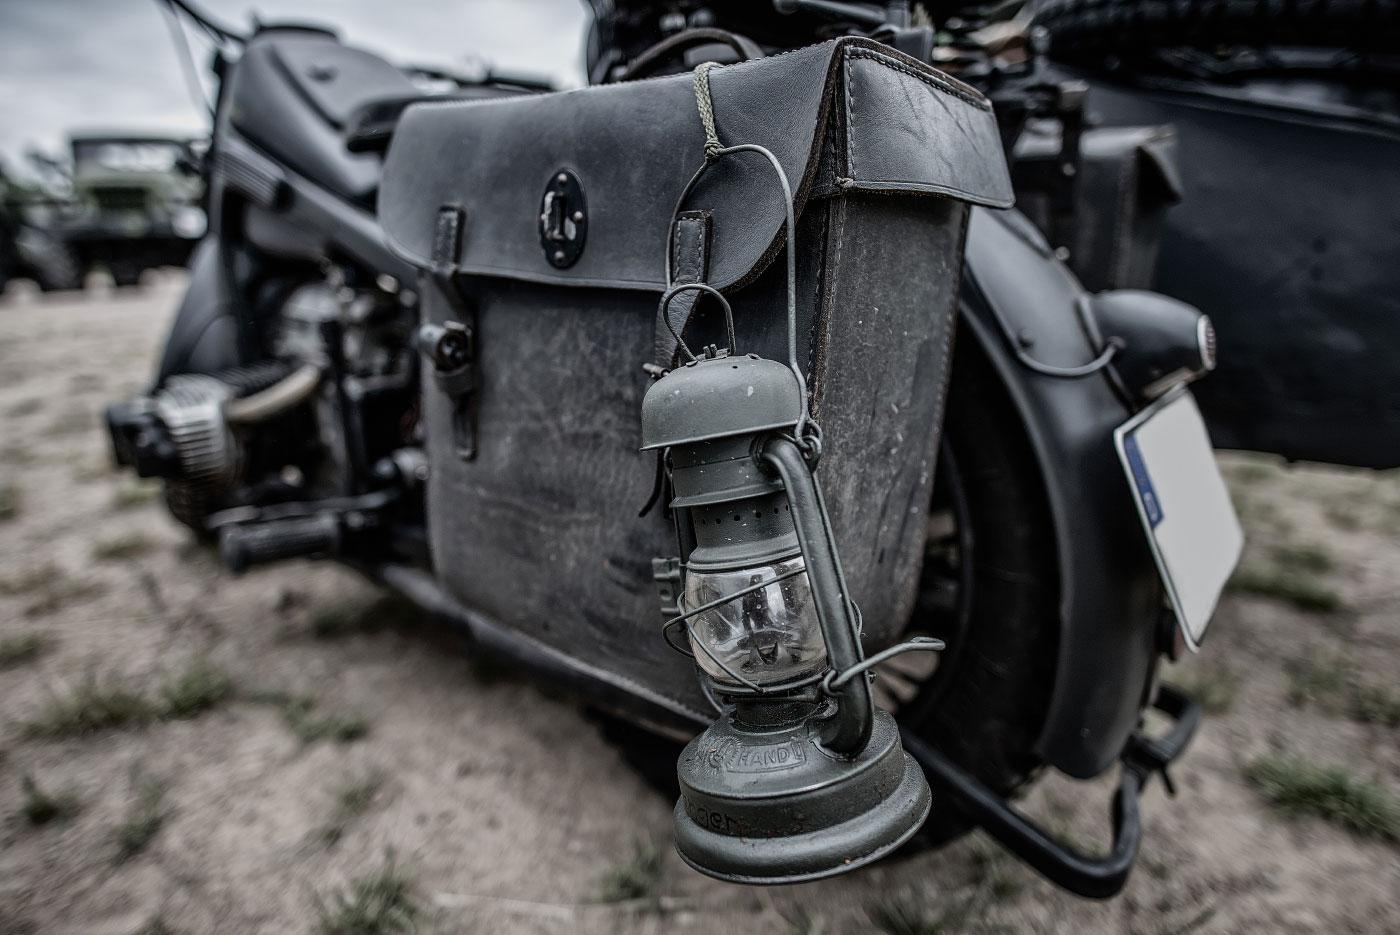 Panzertreffen, Motorrad